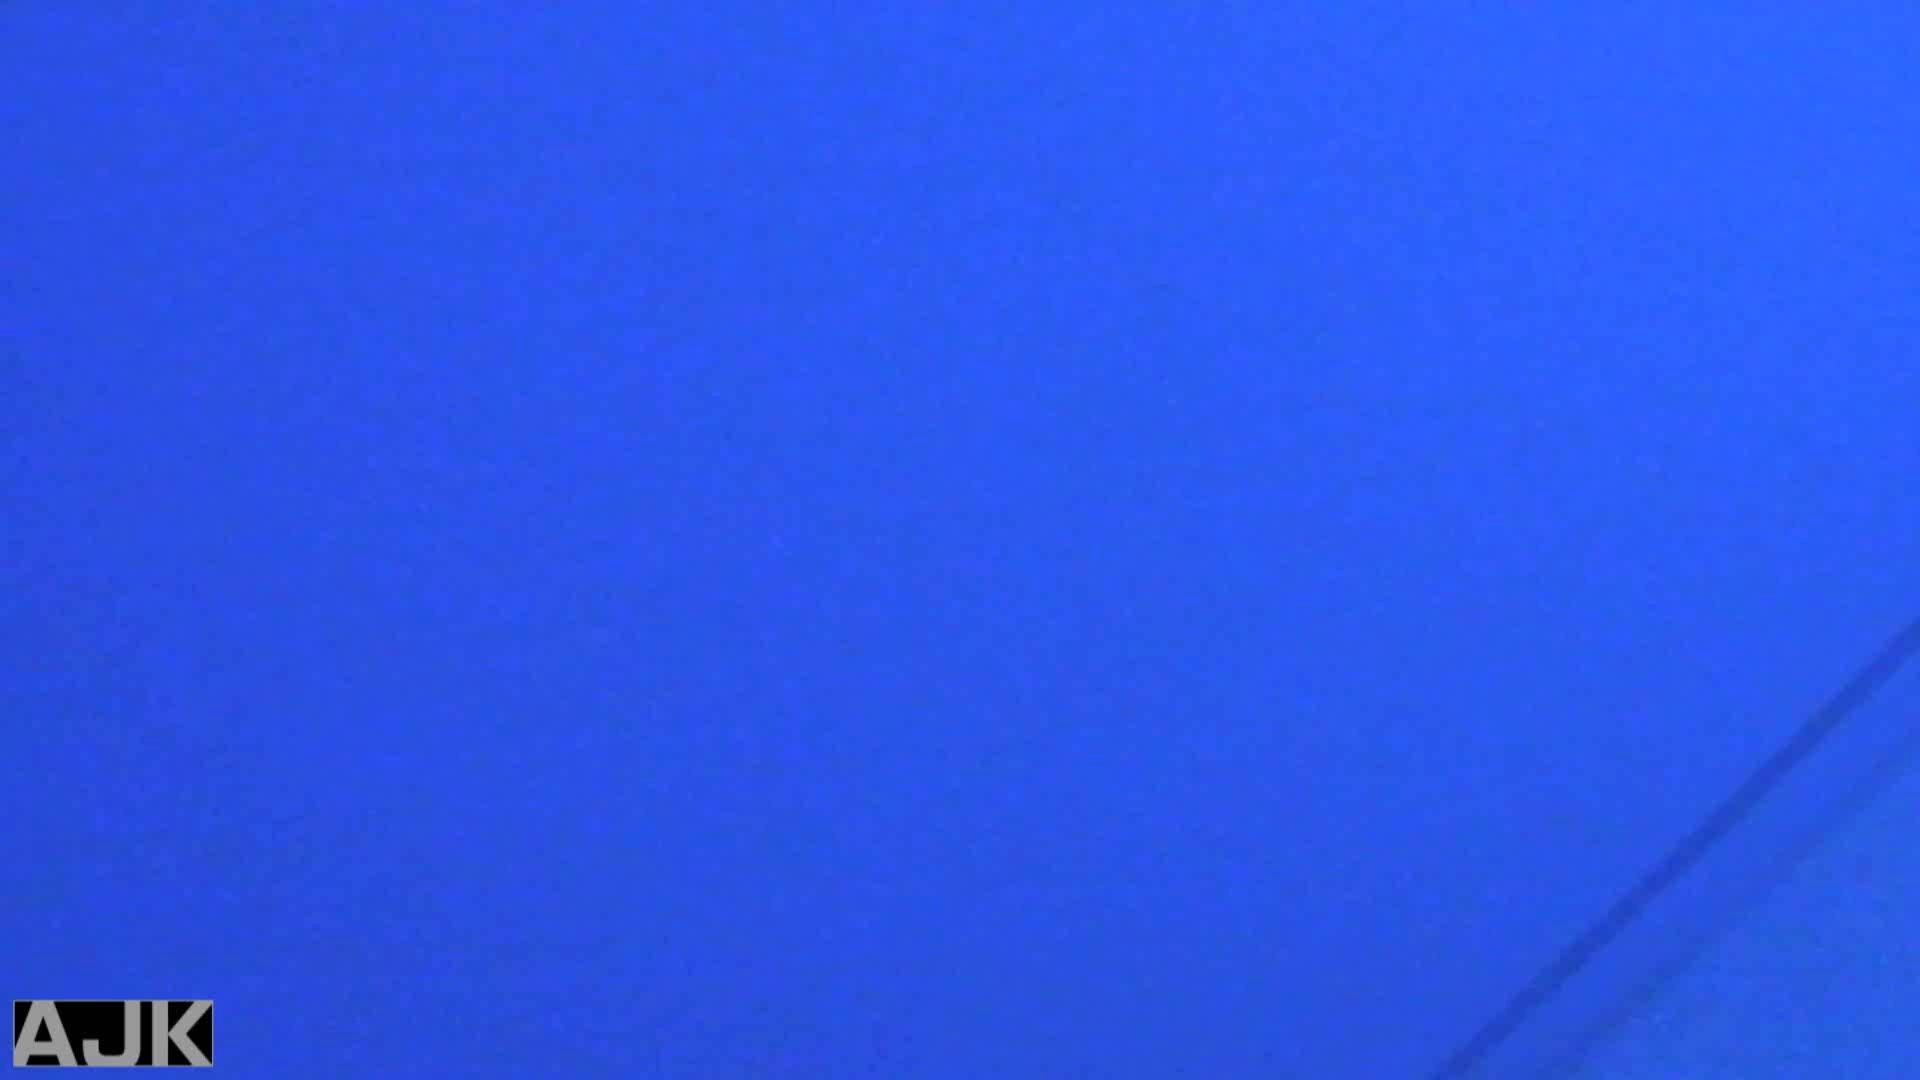 神降臨!史上最強の潜入かわや! vol.07 盗撮シリーズ  83PIX 66